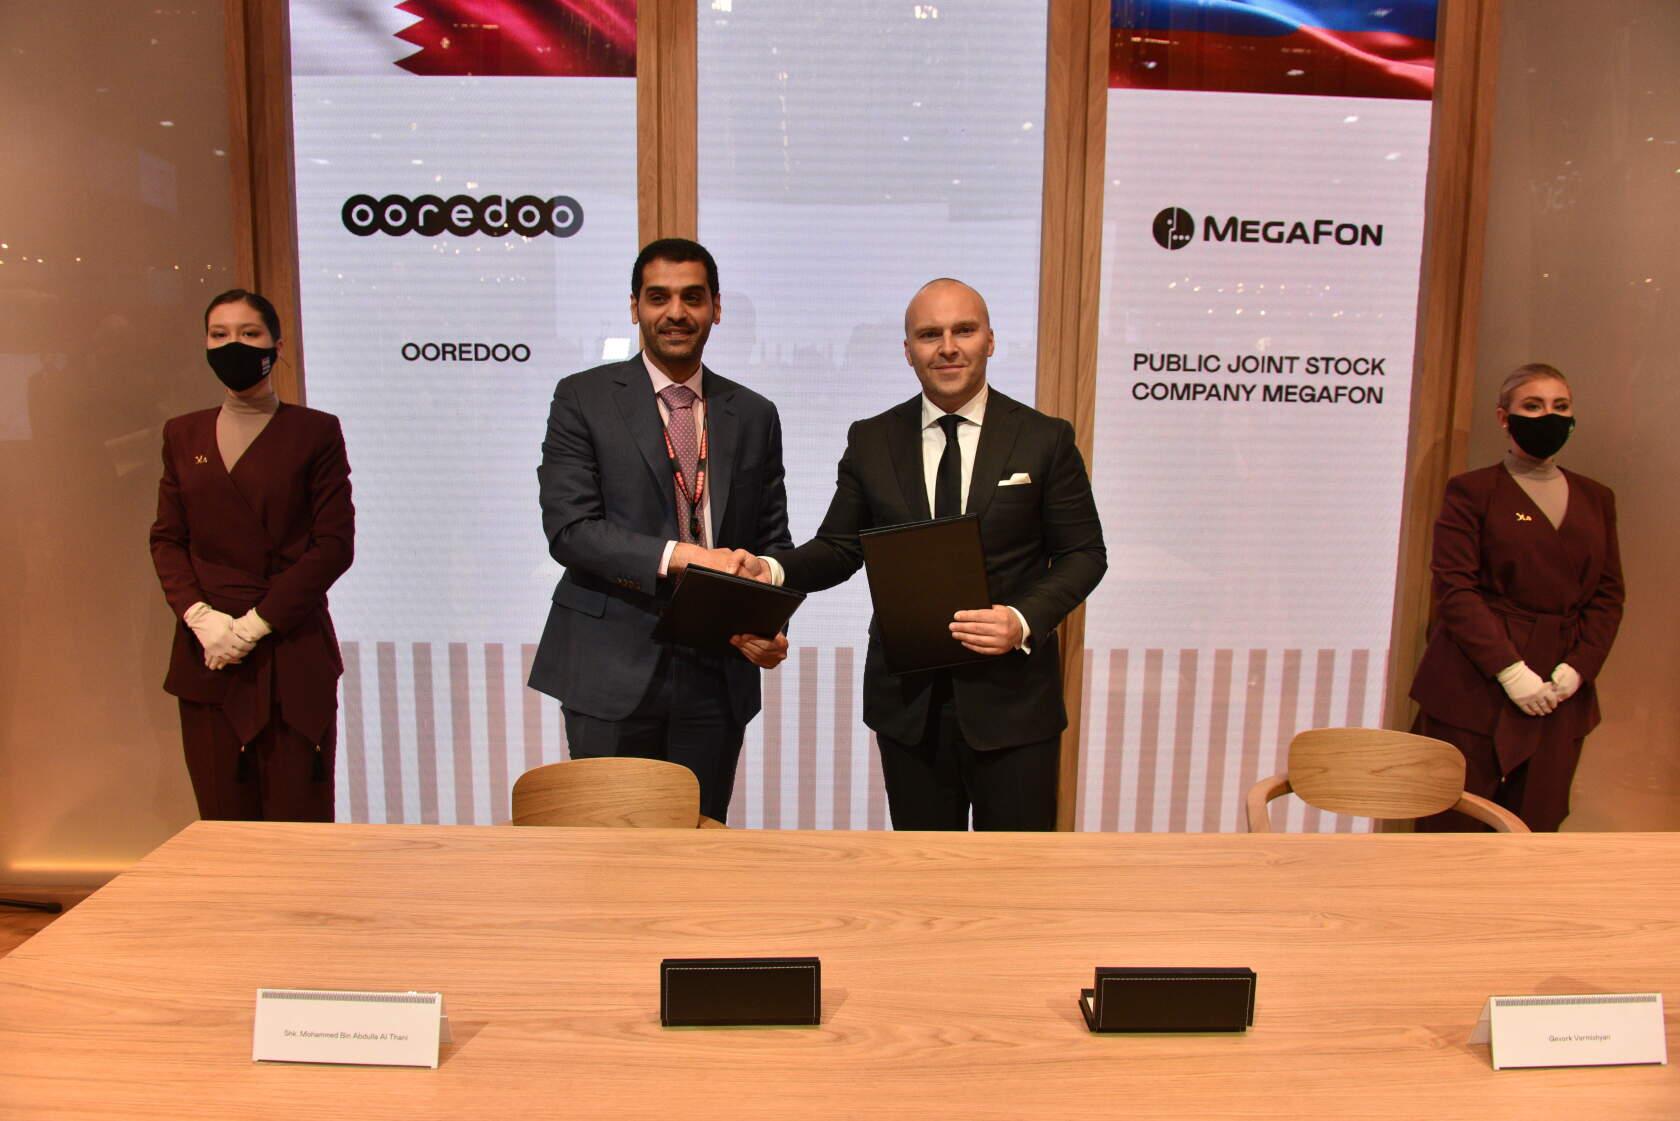 Катарский оператор связи будет консультироваться у МегаФона при подготовке к ЧМ по футболу в 2022 году